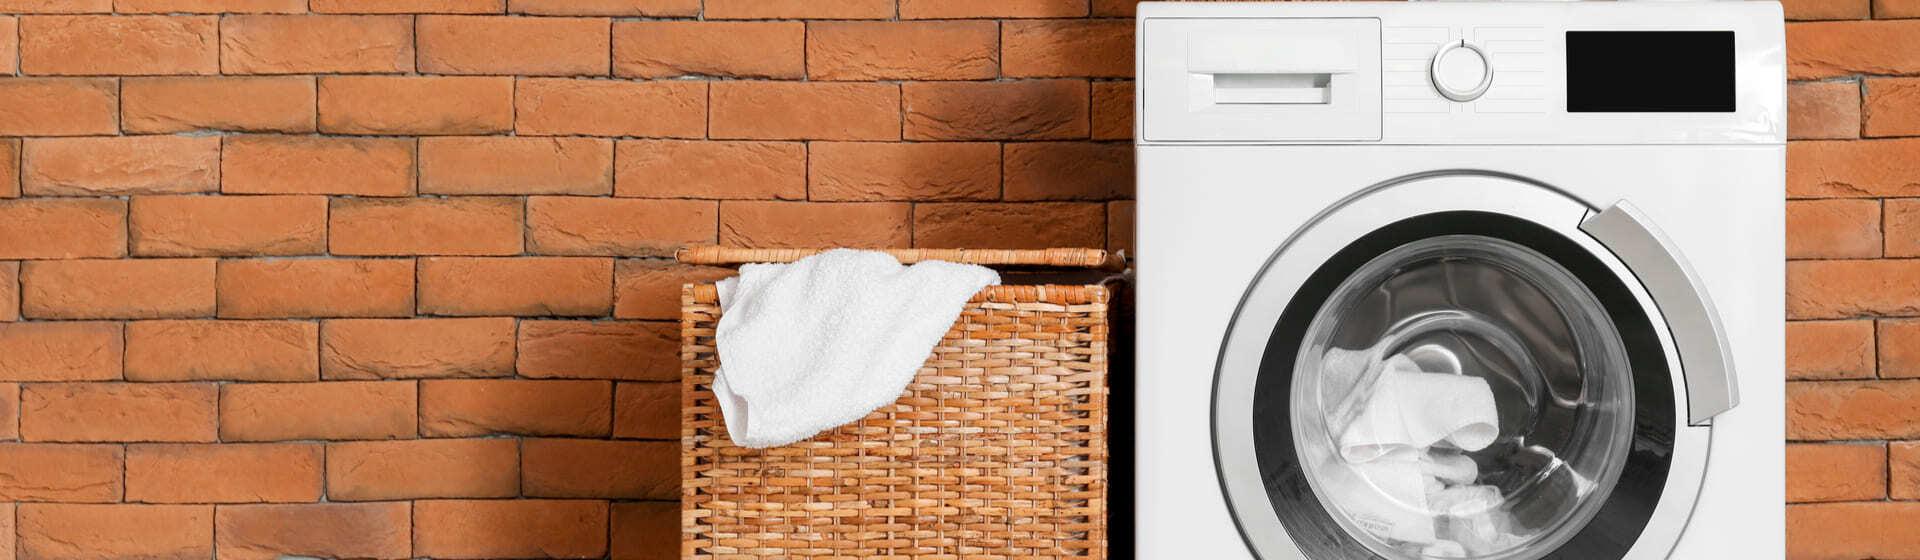 Máquinas de lavar em 2020: confira os melhores modelos